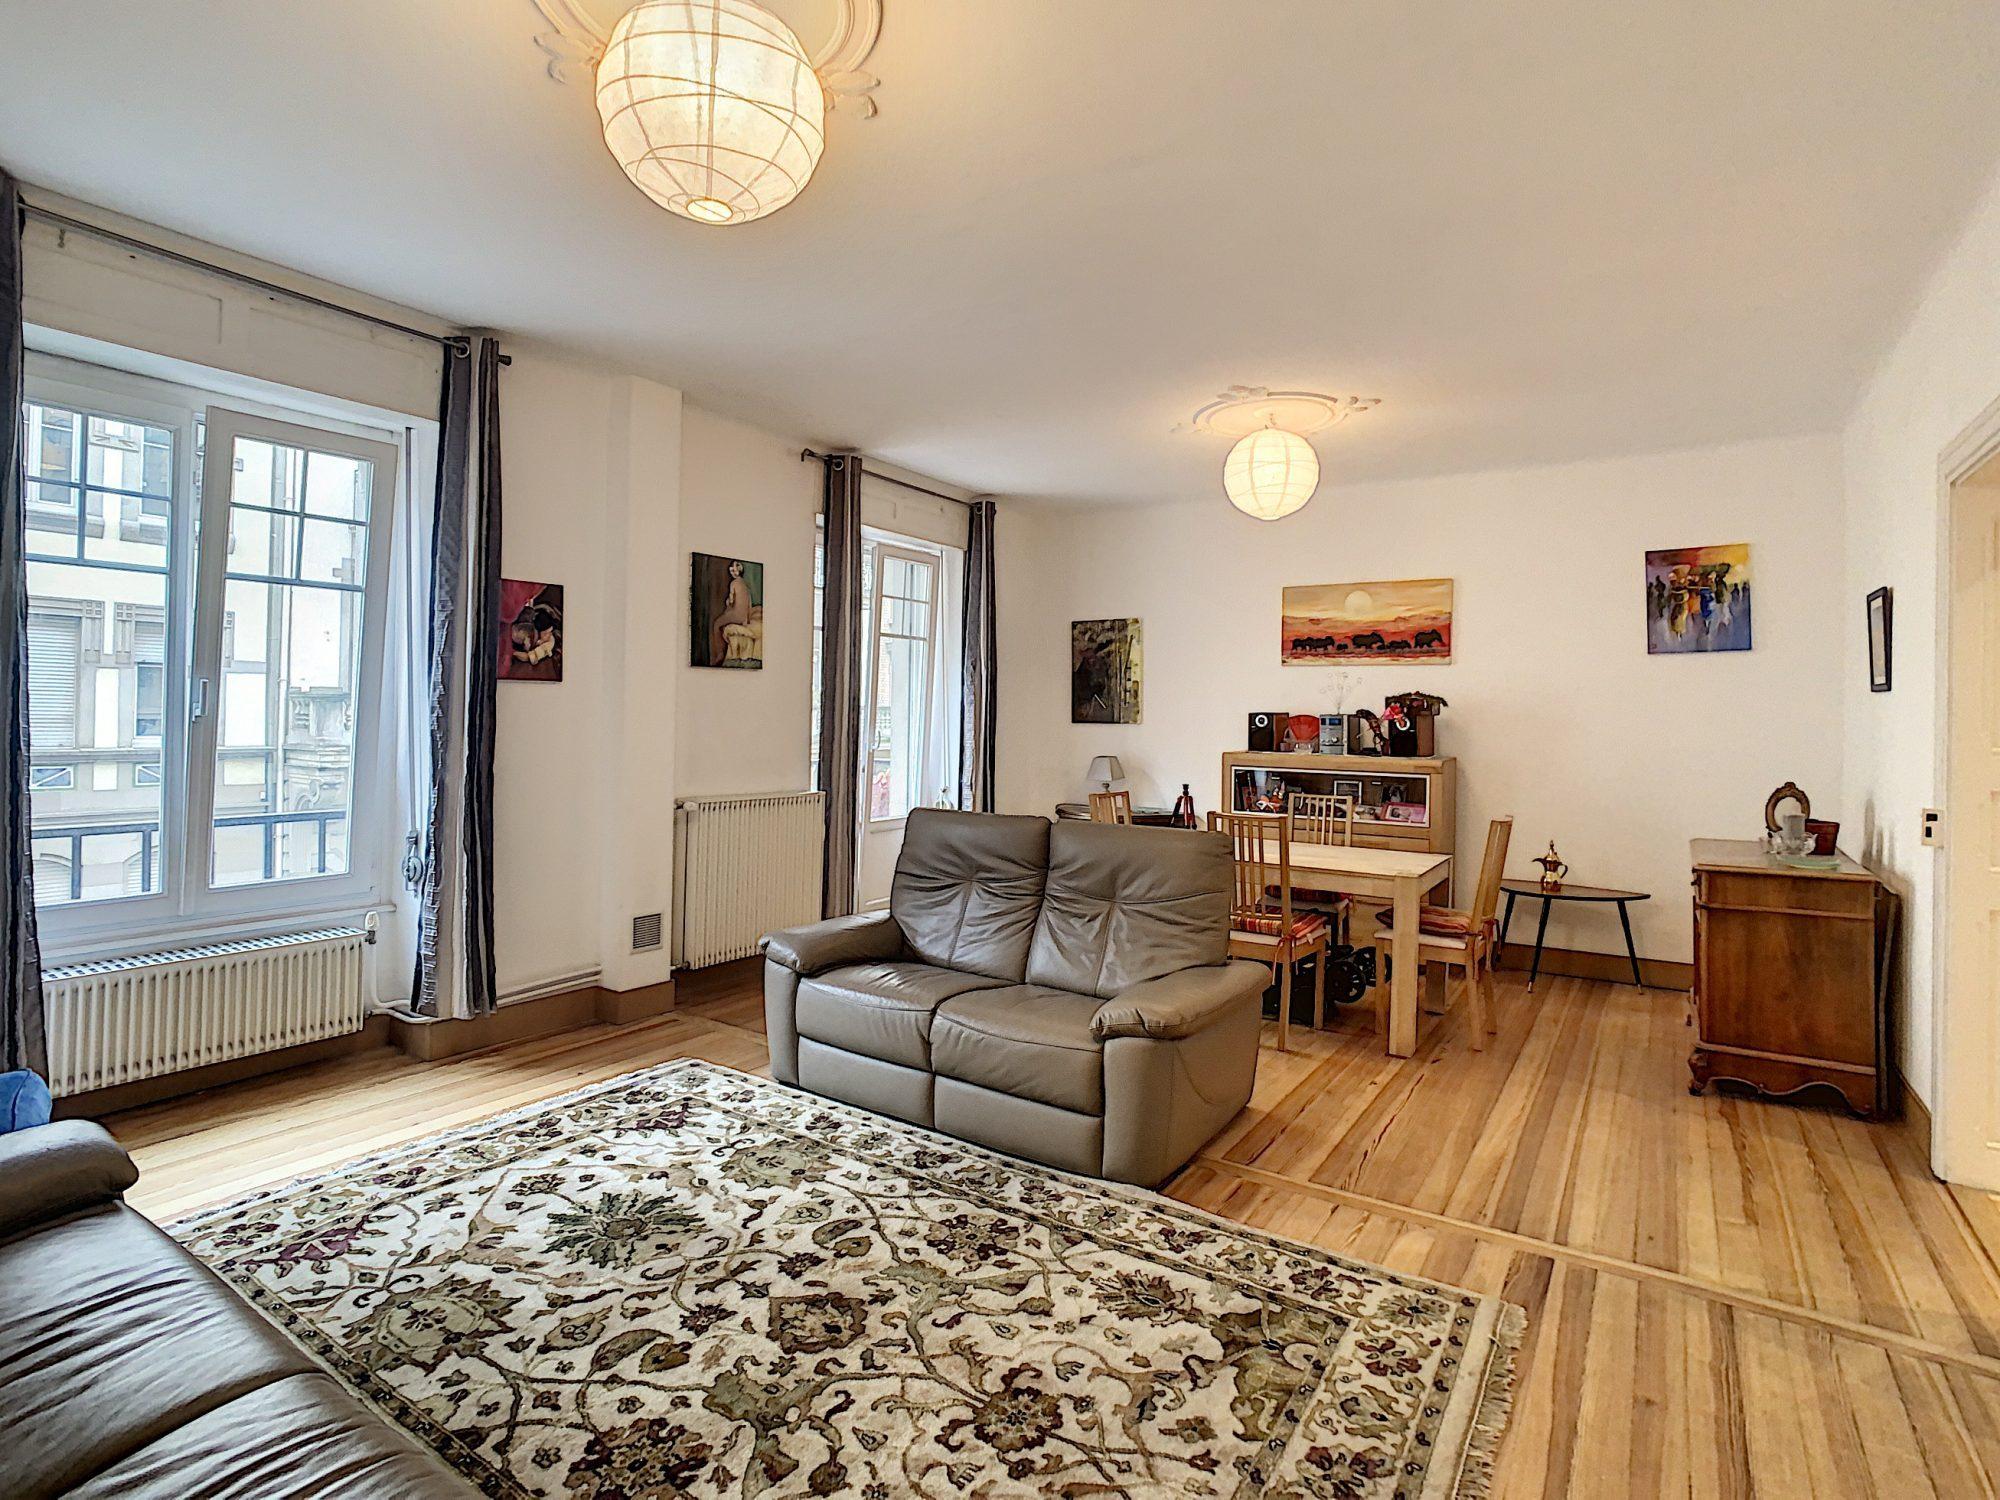 Appartement 3/4 pièces dans le quartier de la Neustadt - Devenez propriétaire en toute confiance - Bintz Immobilier - 2